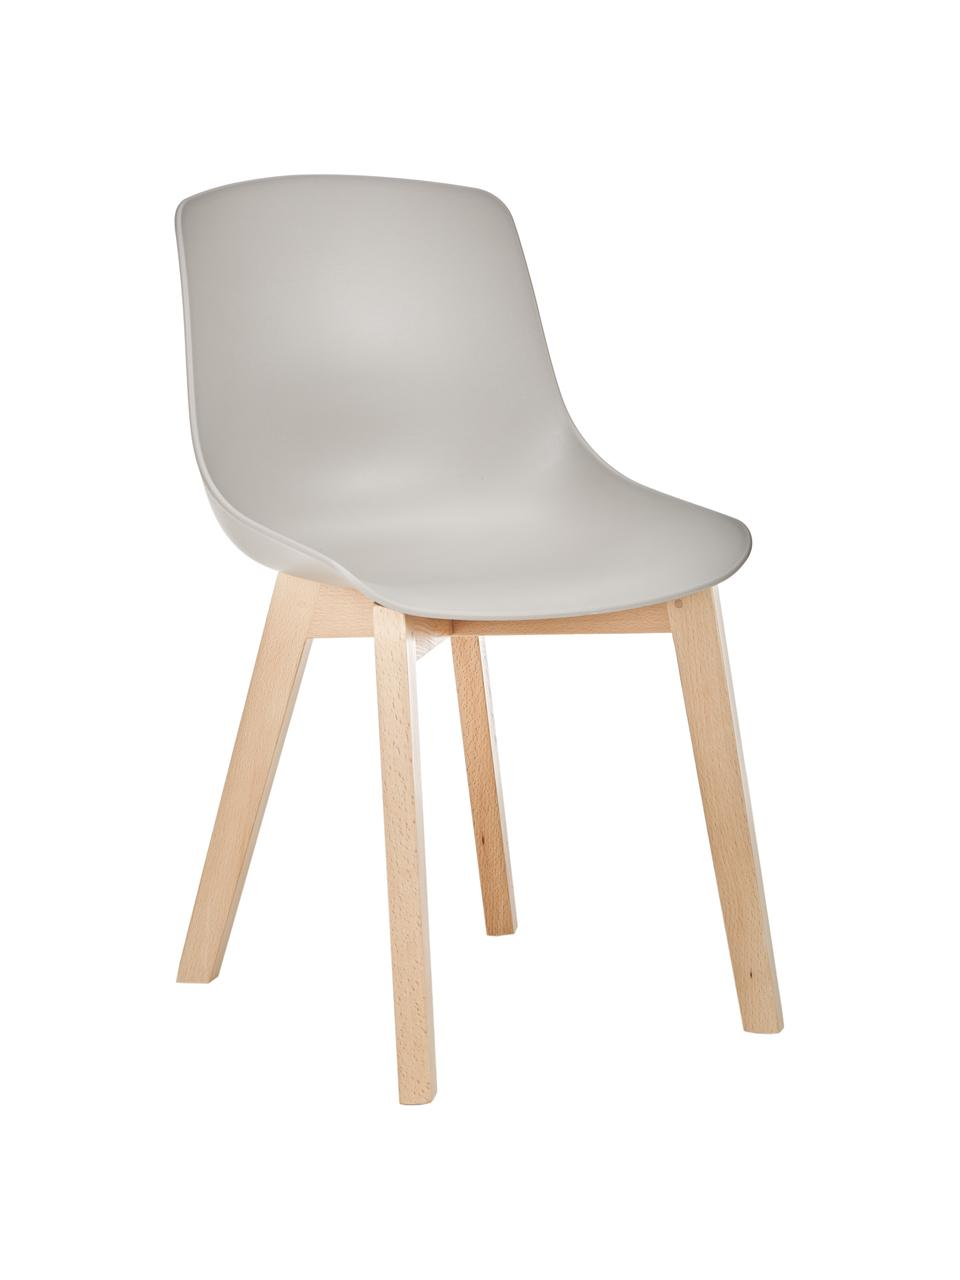 Kunststoffstühle Dave mit Holzbeinen, 2 Stück, Sitzschale: Kunststoff, Beine: Buchenholz, Beigegrau, B 46 x T 52 cm